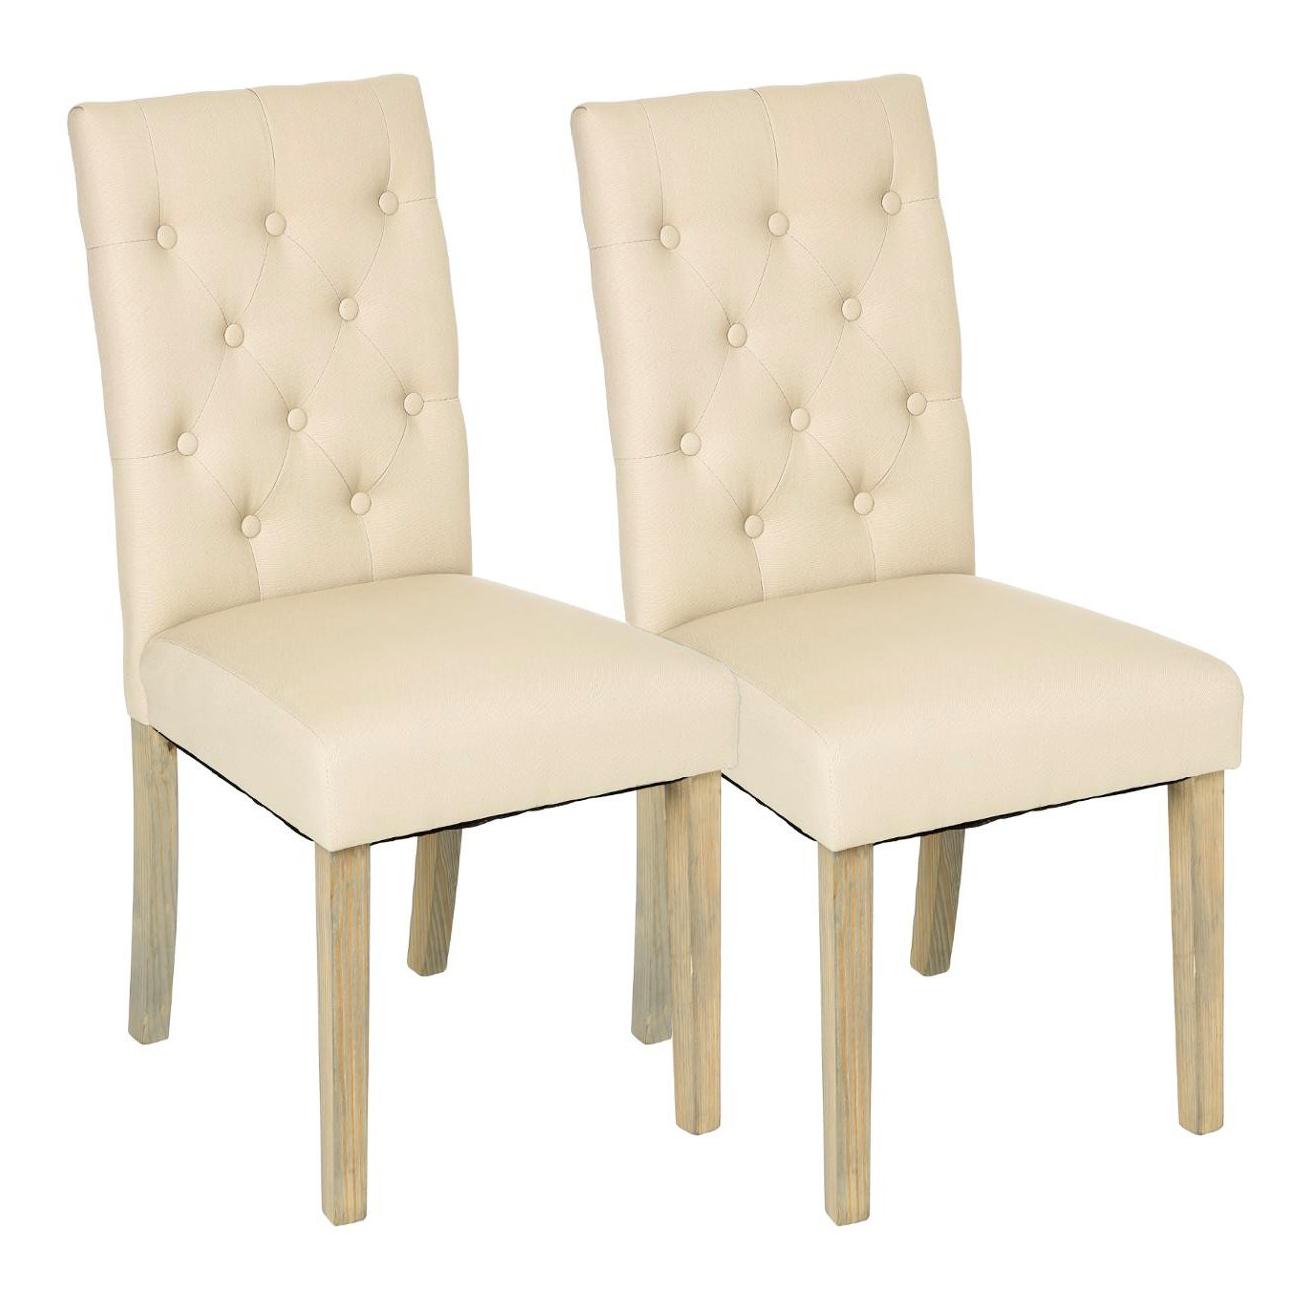 Lot de 5 Chaises moderne tissu beige dossier capitonné pieds bois